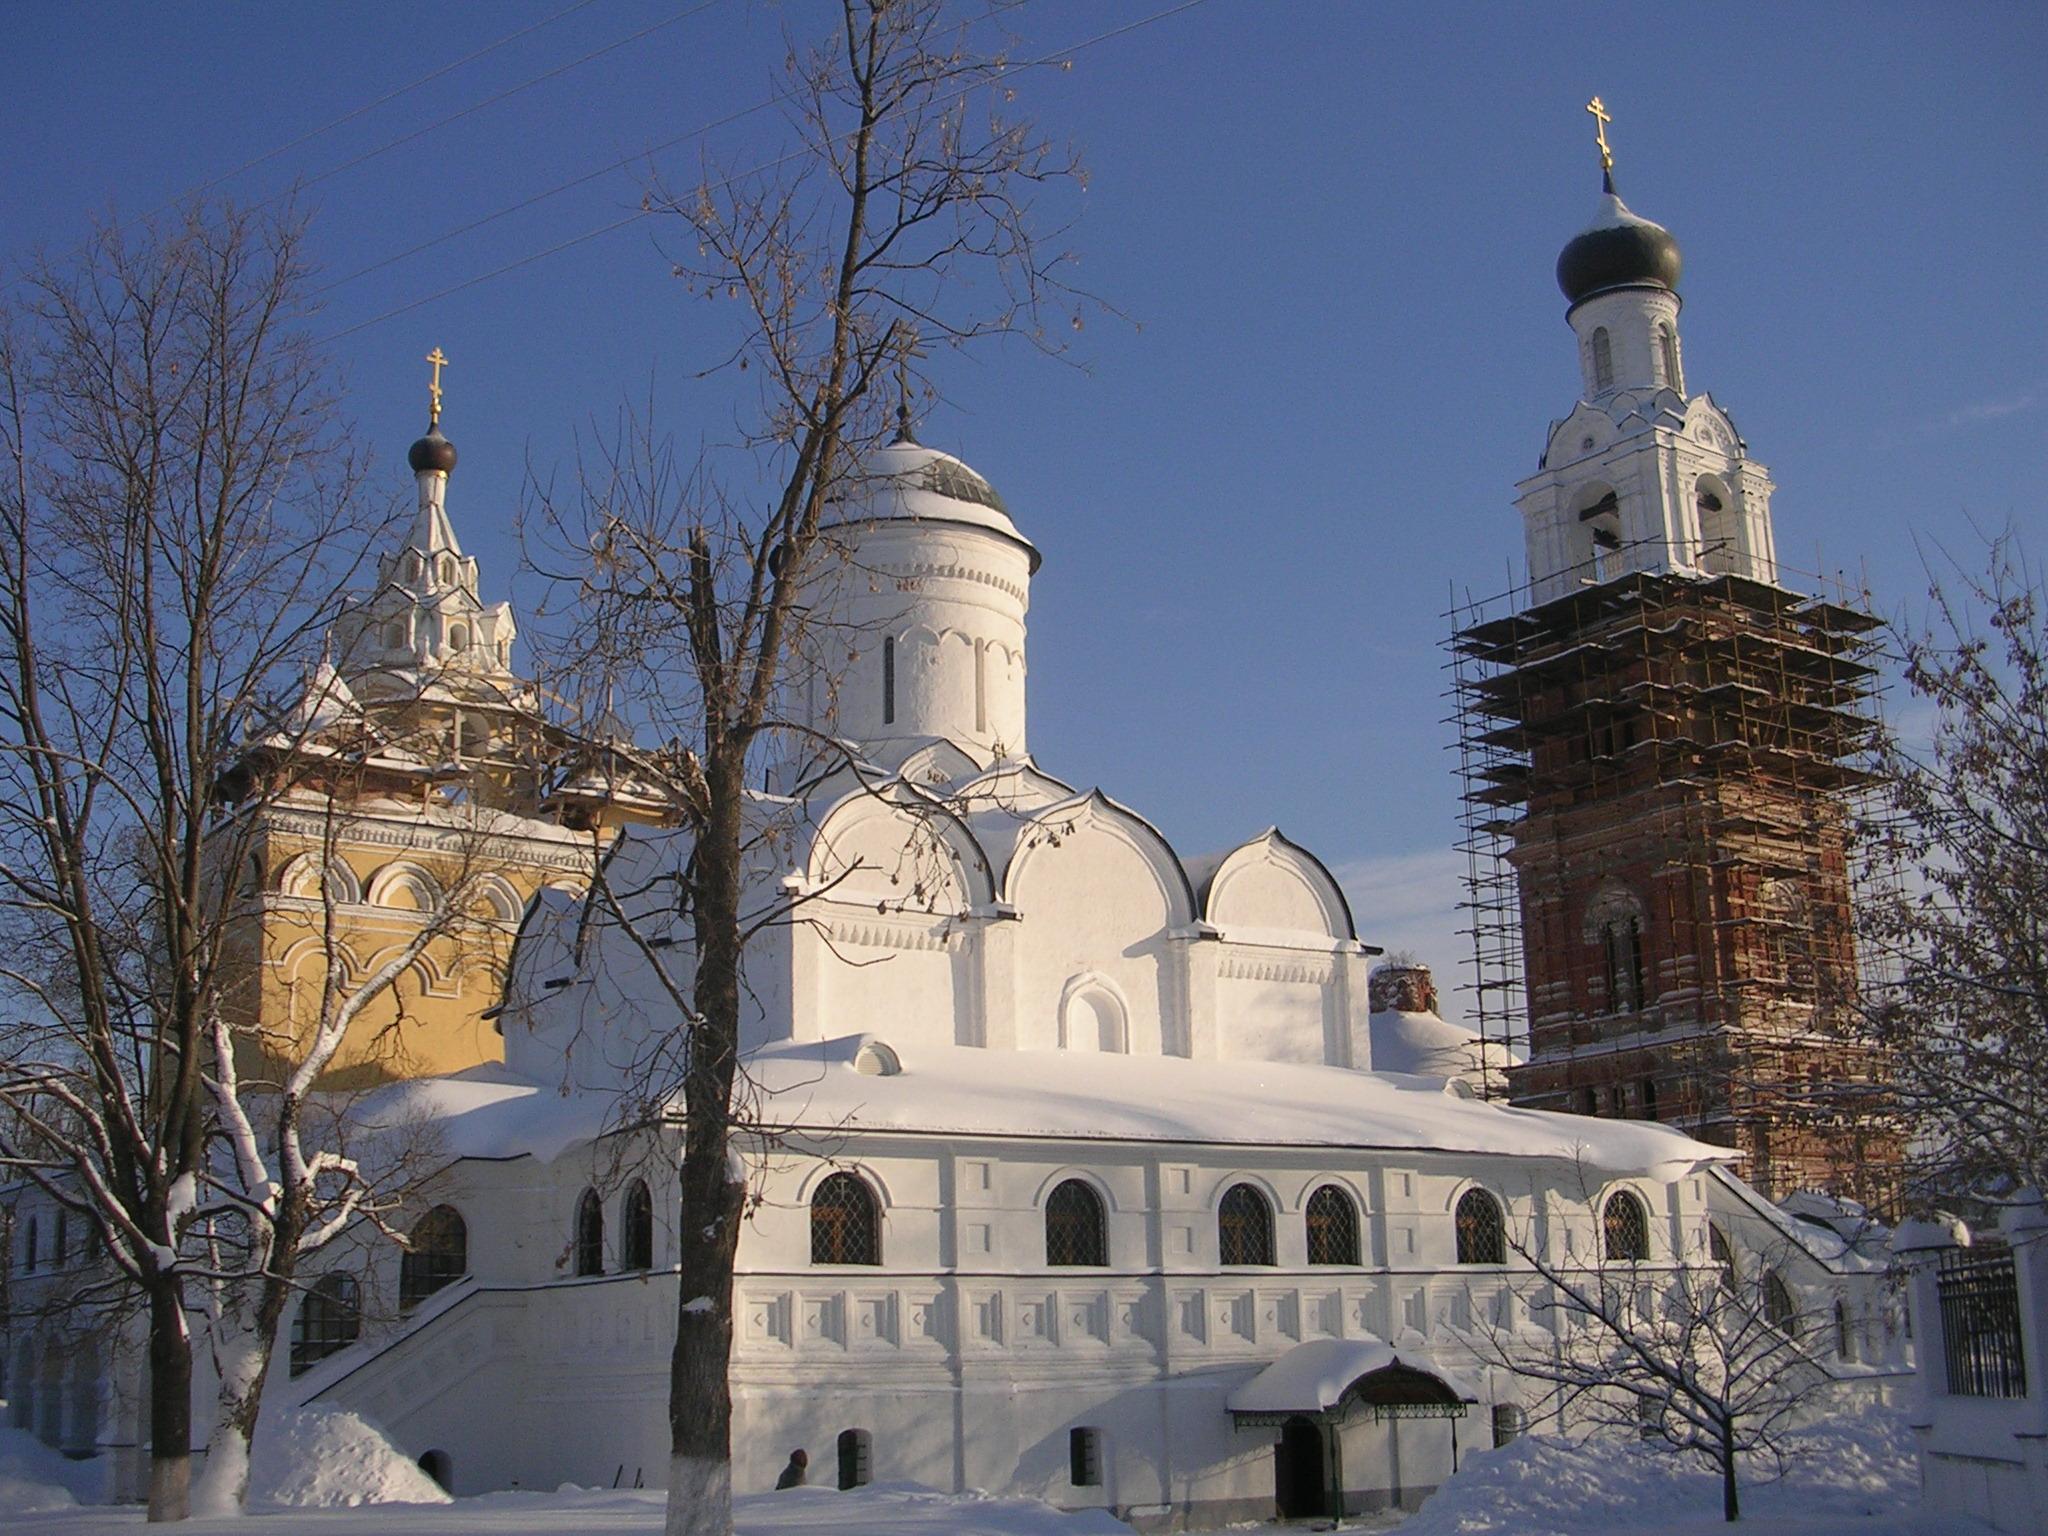 Свято-Благовещенский Киржачский женский монастырь — православный женский монастырь в Киржаче